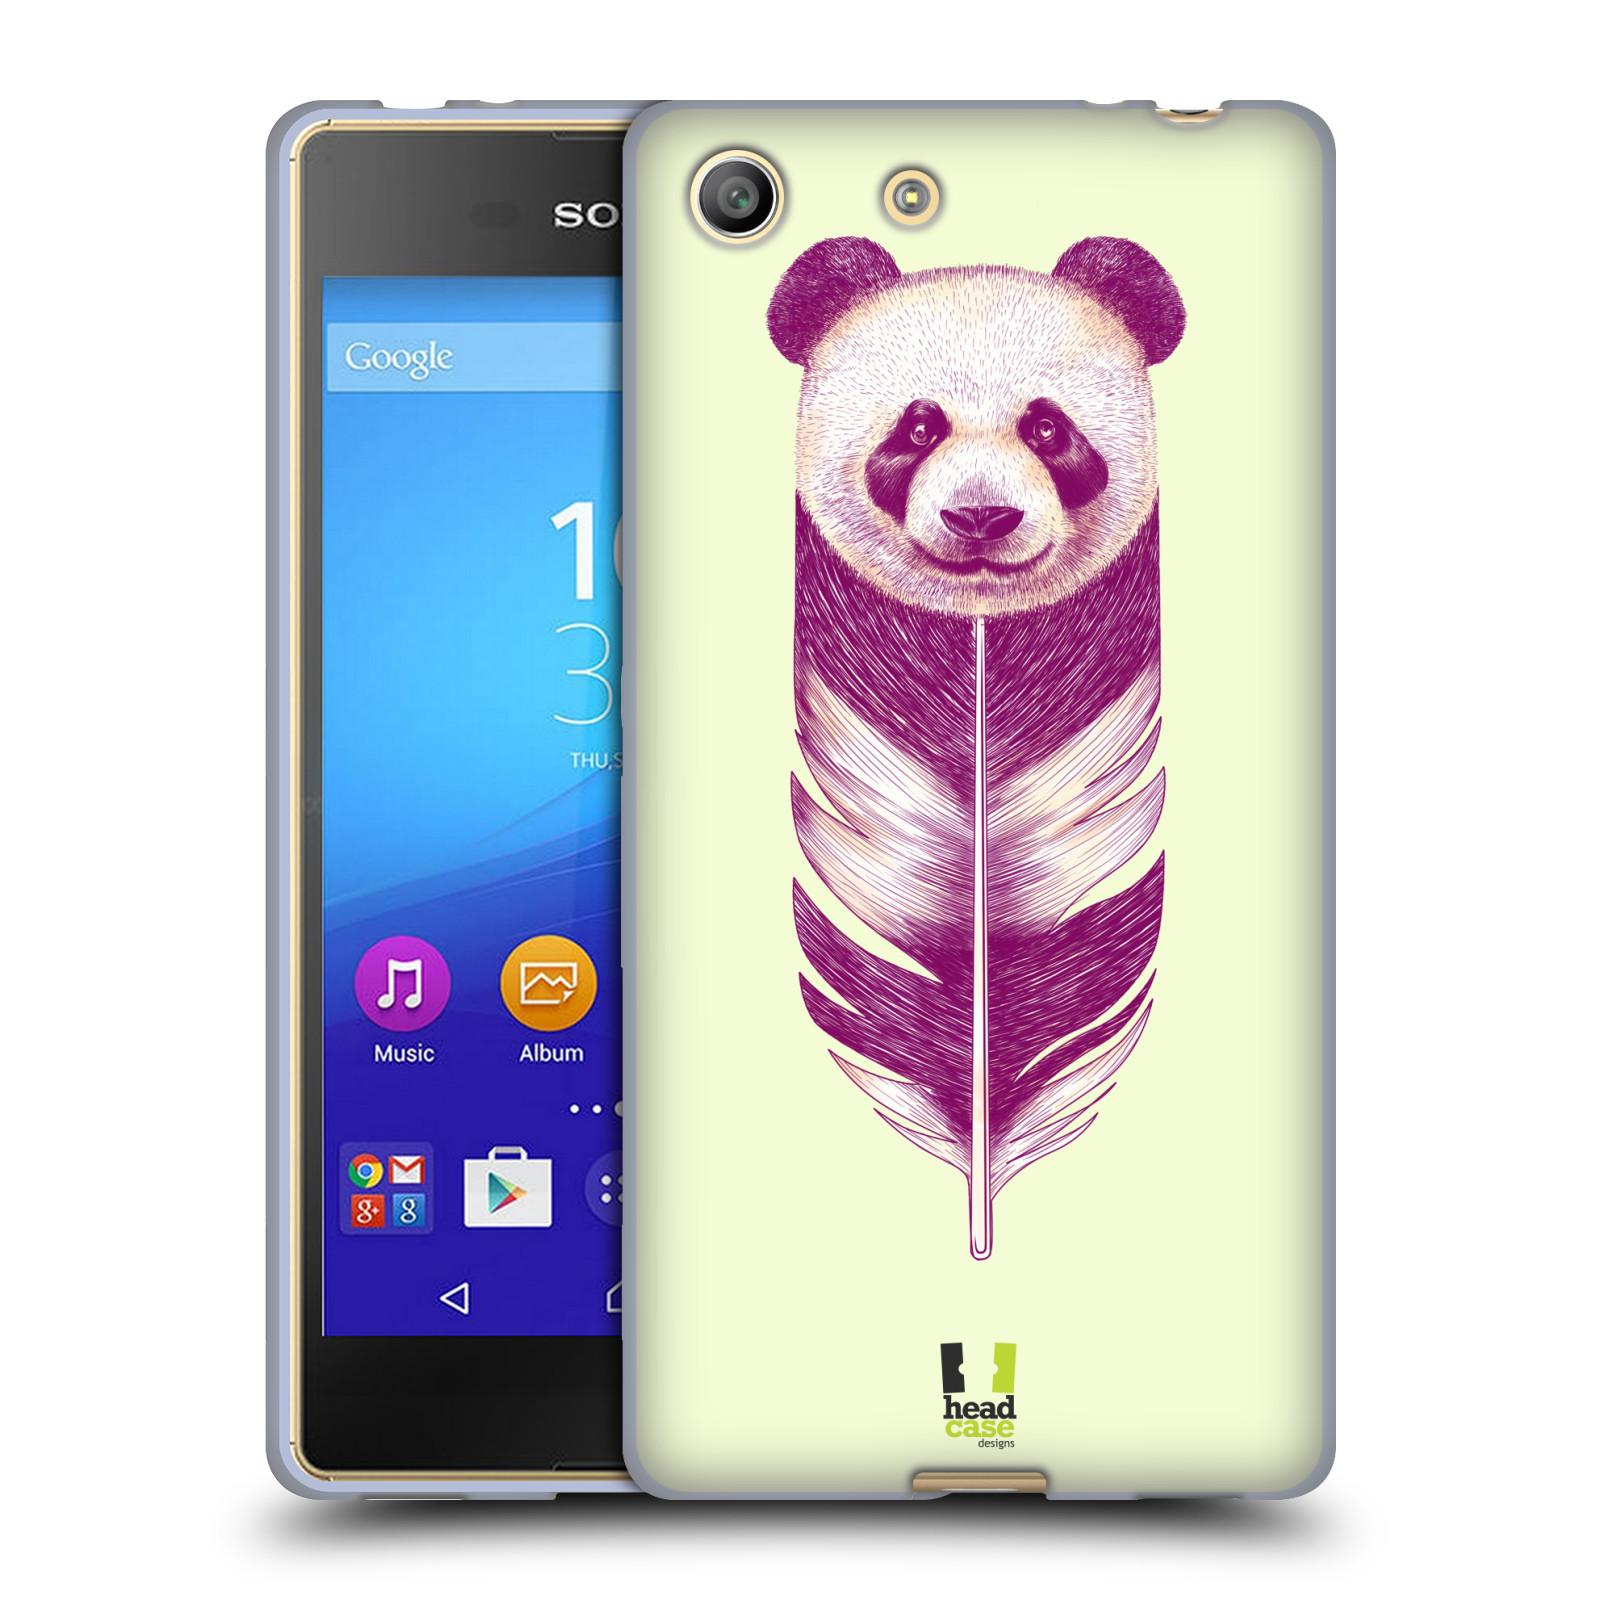 Silikonové pouzdro na mobil Sony Xperia M5 HEAD CASE PÍRKO PANDA (Silikonový kryt či obal na mobilní telefon Sony Xperia M5 Dual SIM / Aqua)